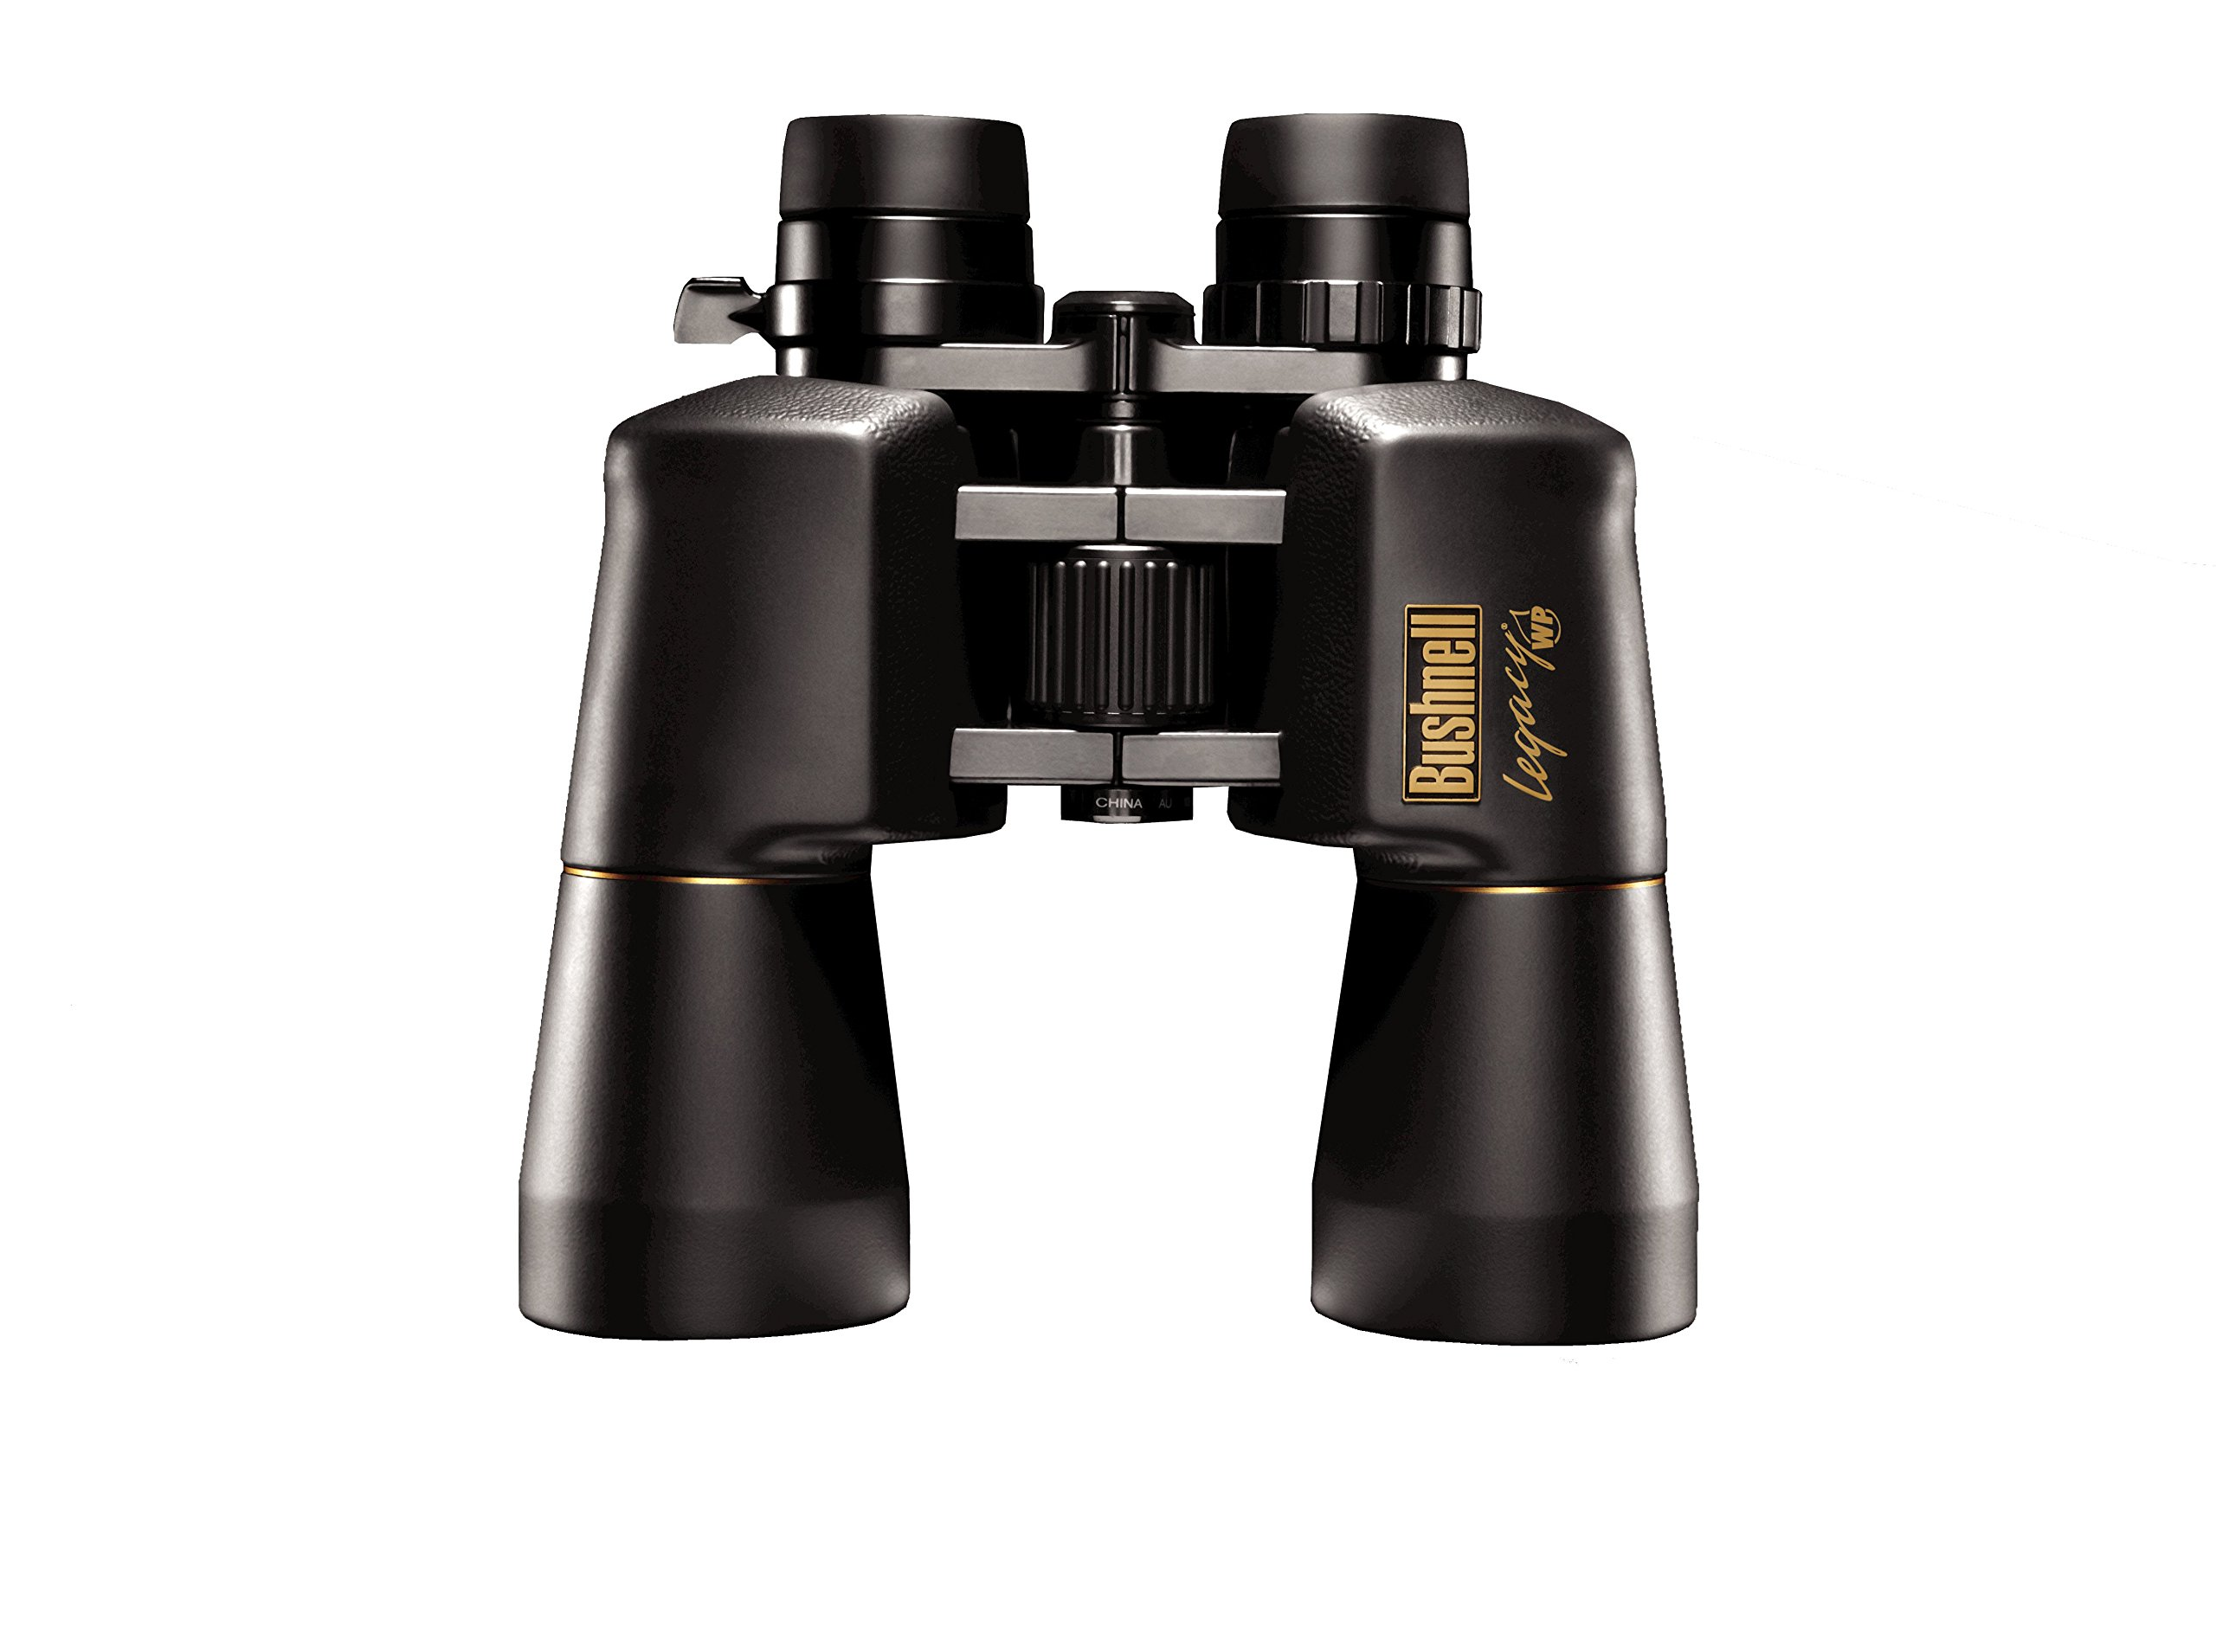 Bushnell Legacy WP 10 x 50 Binocular by Bushnell